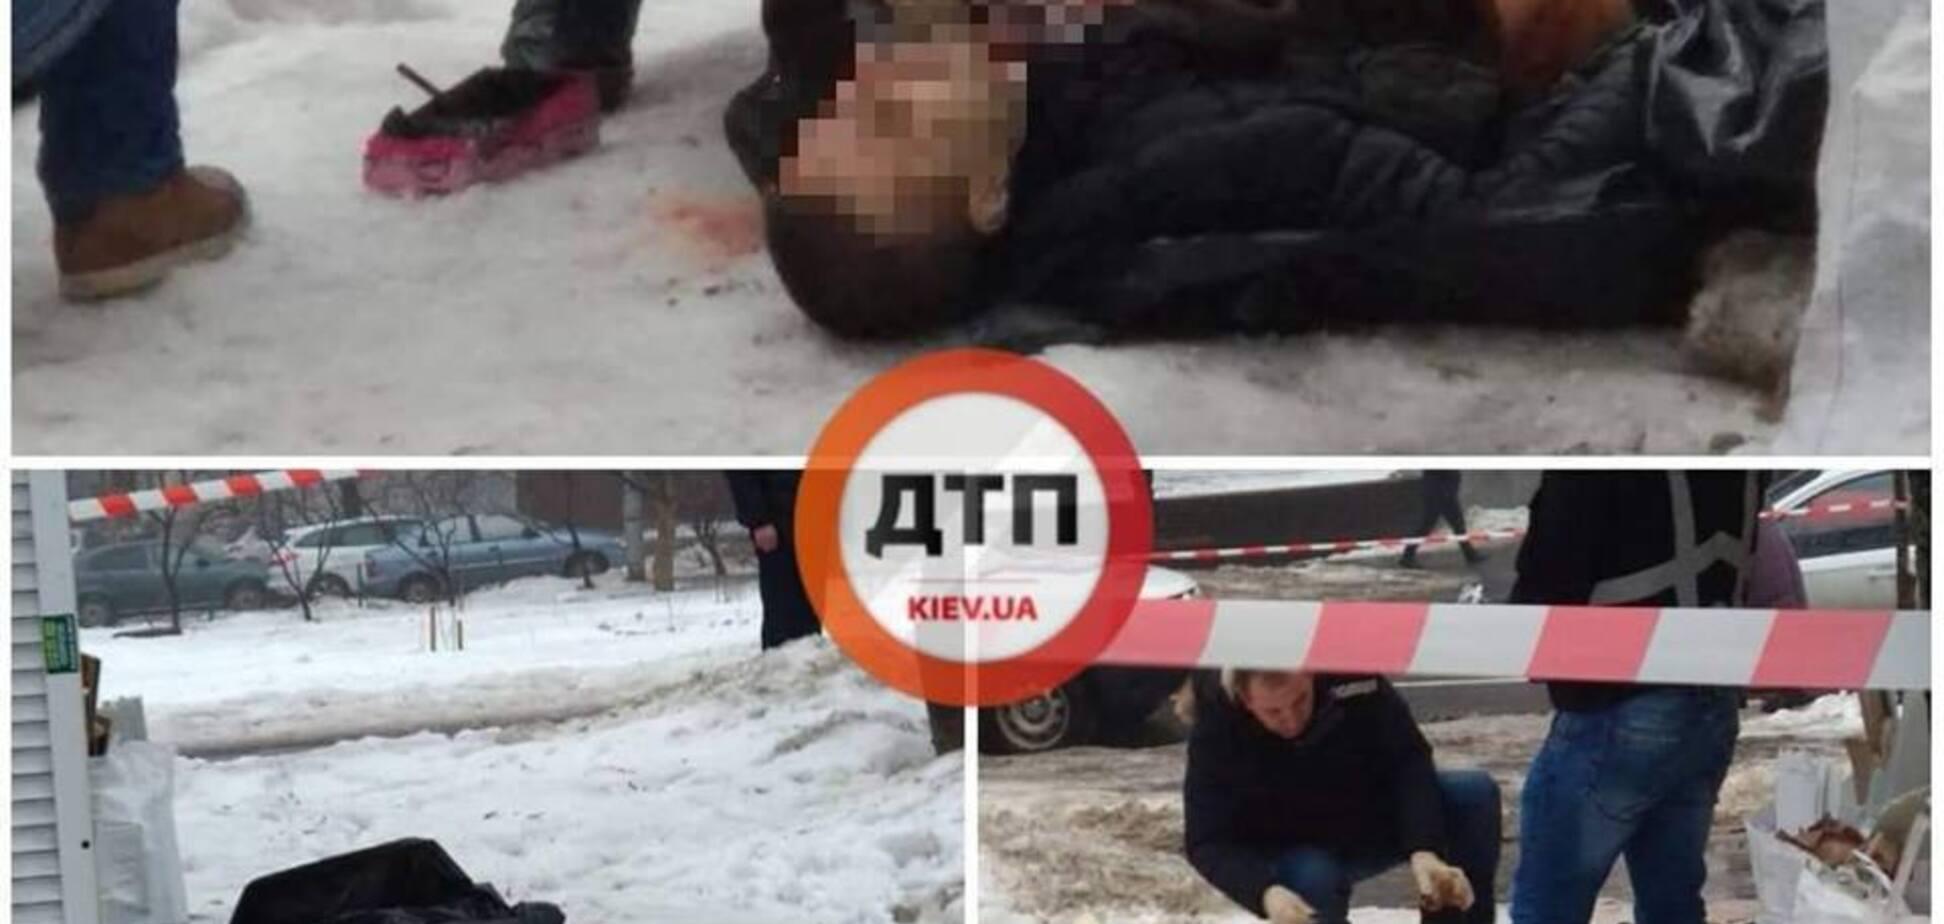 В Киеве посреди улицы обнаружили окровавленный труп: все подробности